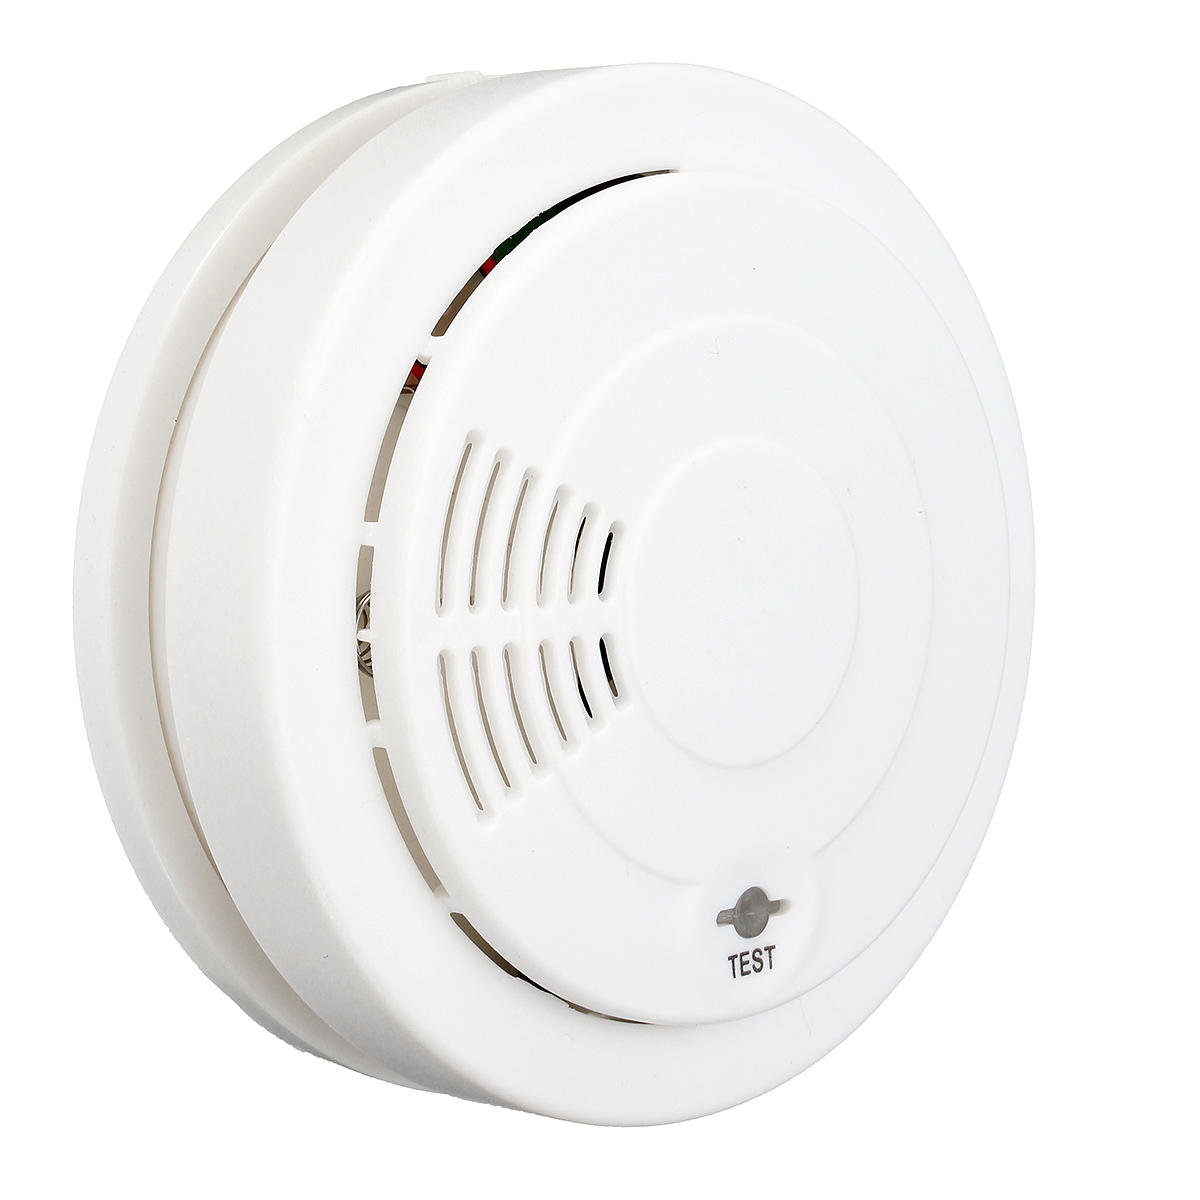 Détecteur de détecteur d'alarme avertisseur de gaz à fumée antioxydant au monoxyde de carbone